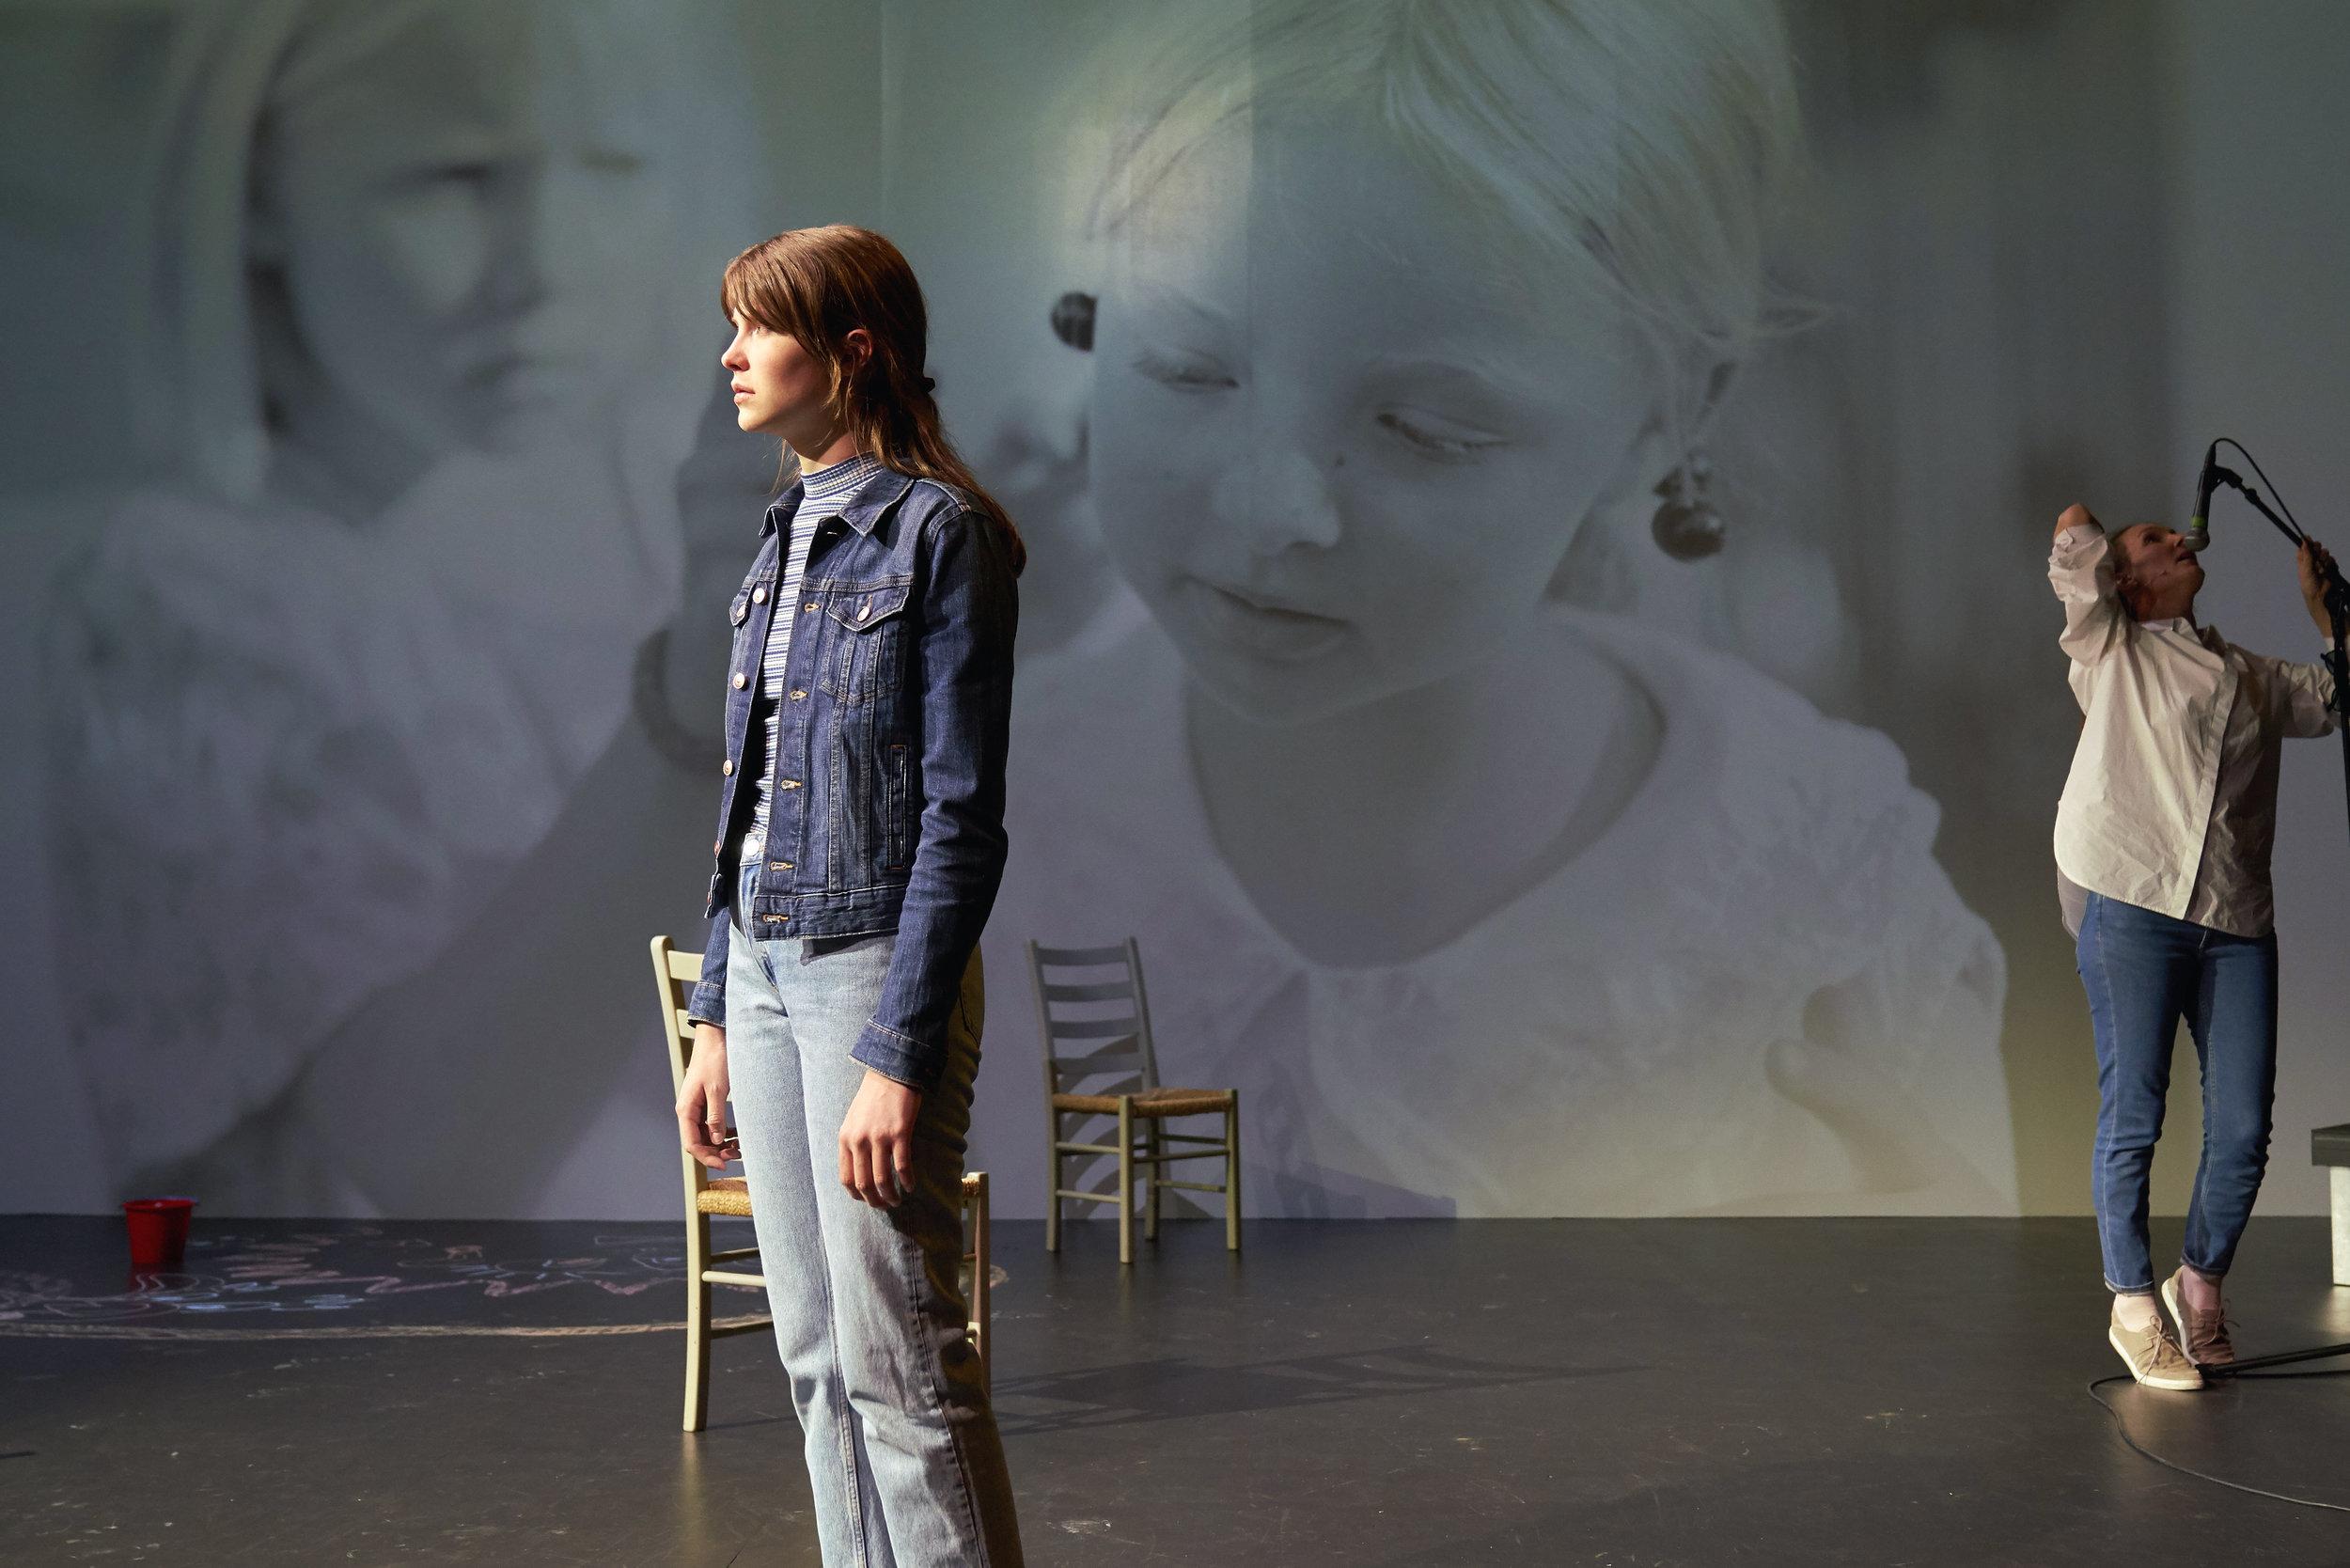 Datteren (Eili Harboe) vil vite hva som skjedde like før hun ble født. Moren spilles av Ragnhild Arnestad Mønness. Foto på veggen bak er tatt av Dag Alveng.